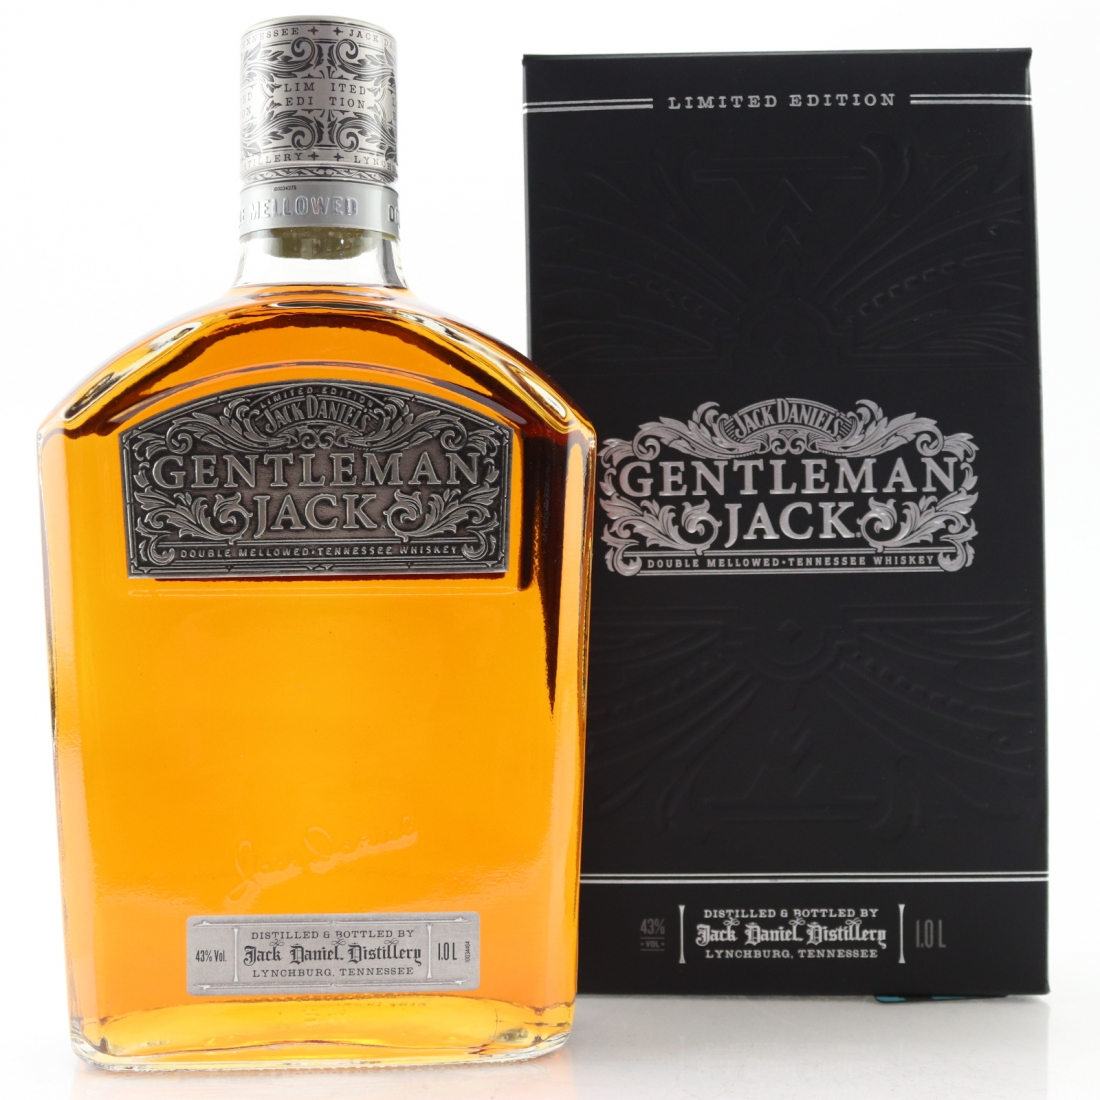 Jack Daniel's Gentleman Jack Timepiece 1 Litre